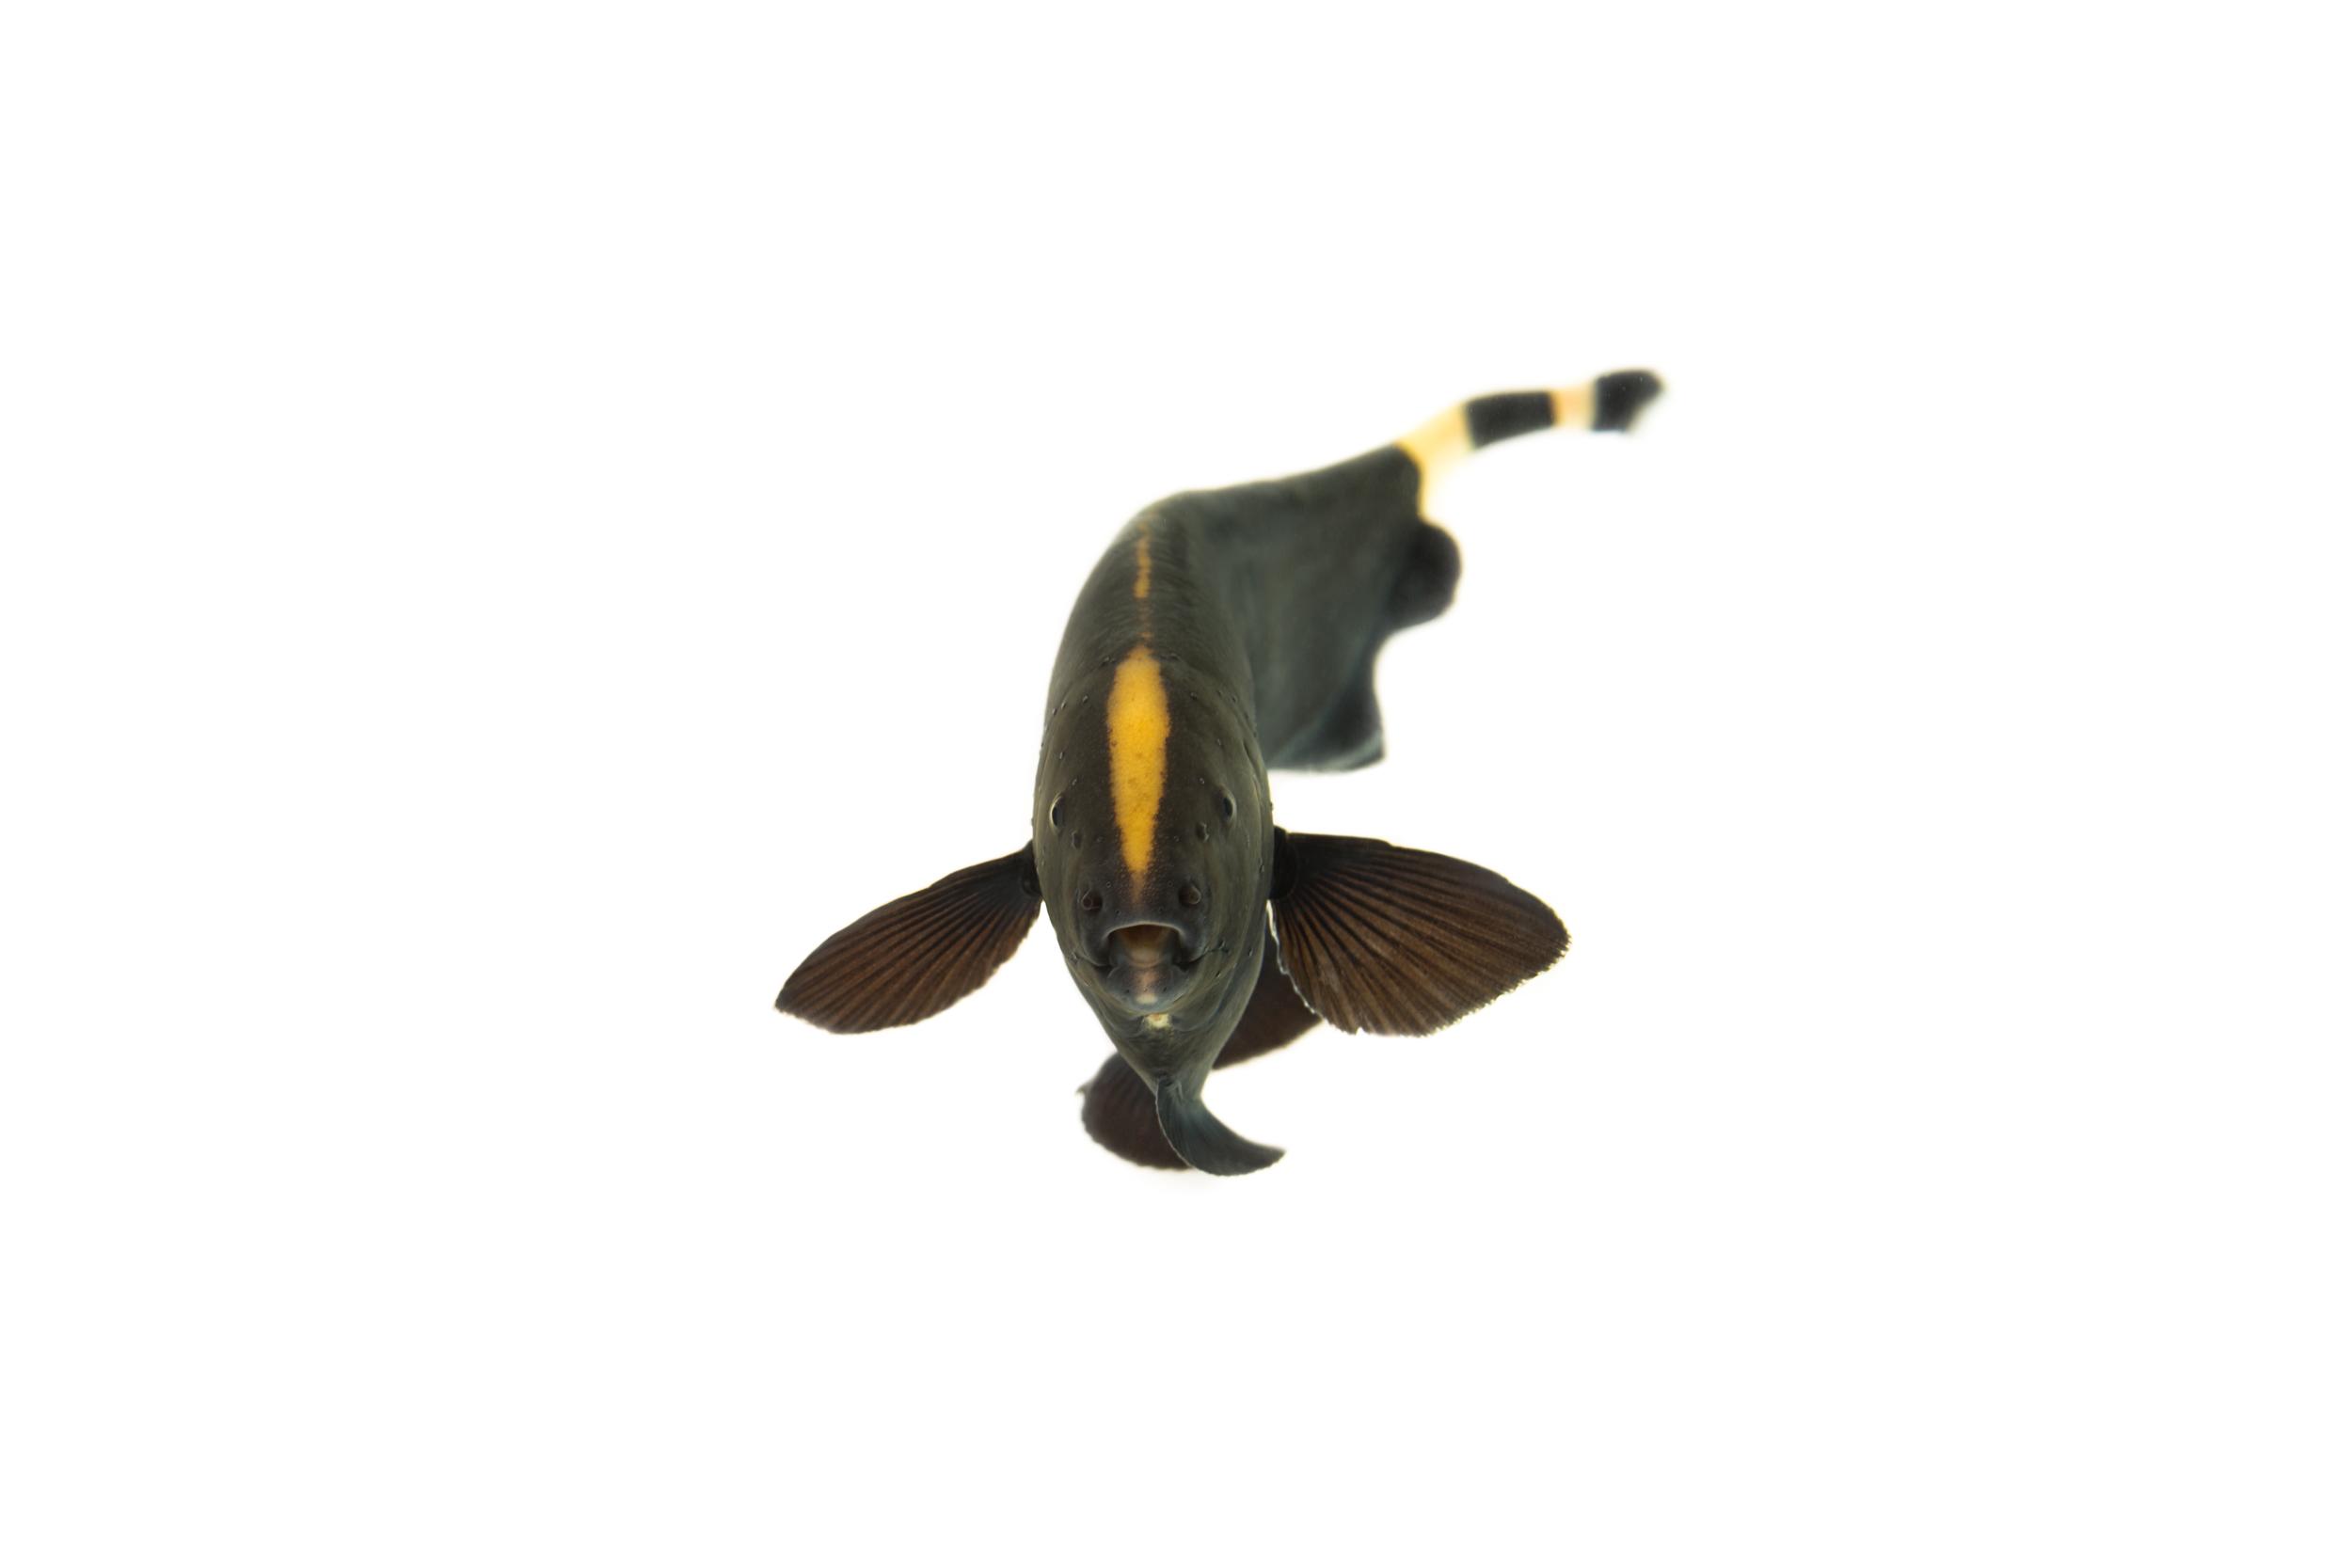 Black Ghost Knifefish (Apteronotus albifrons)